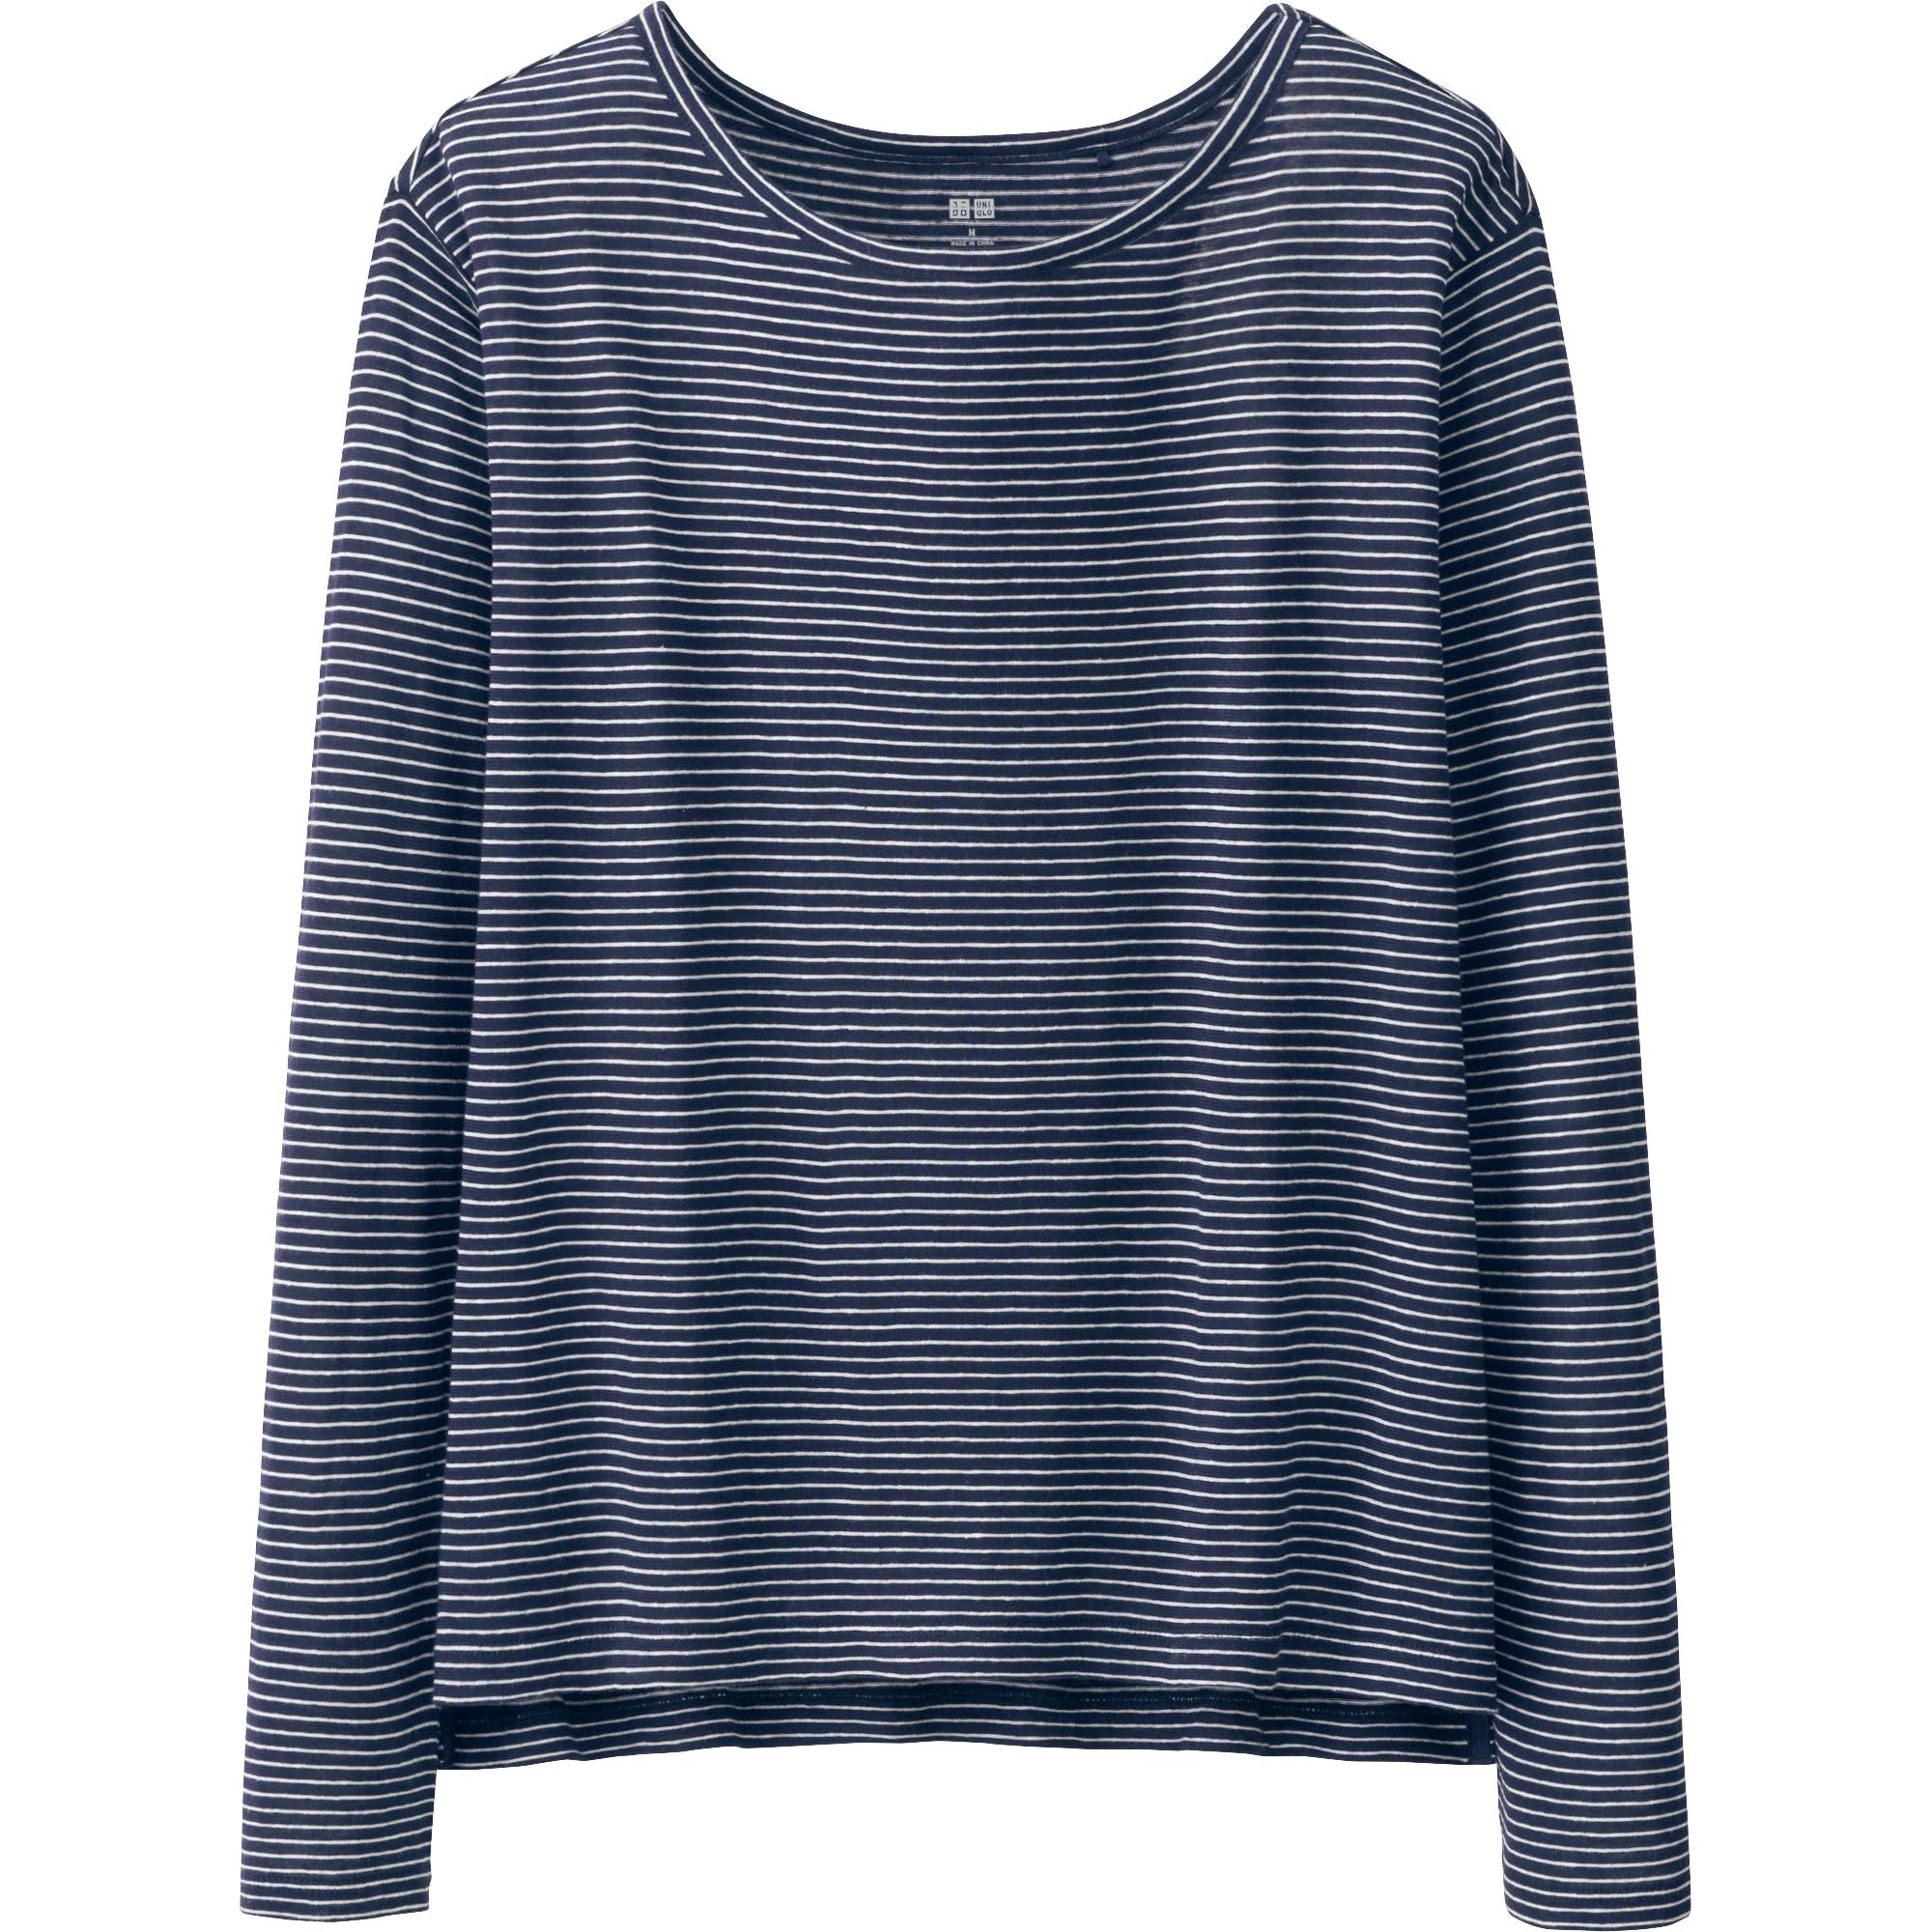 Uniqlo women modal linen long sleeve striped t shirt in for Navy blue striped long sleeve shirt